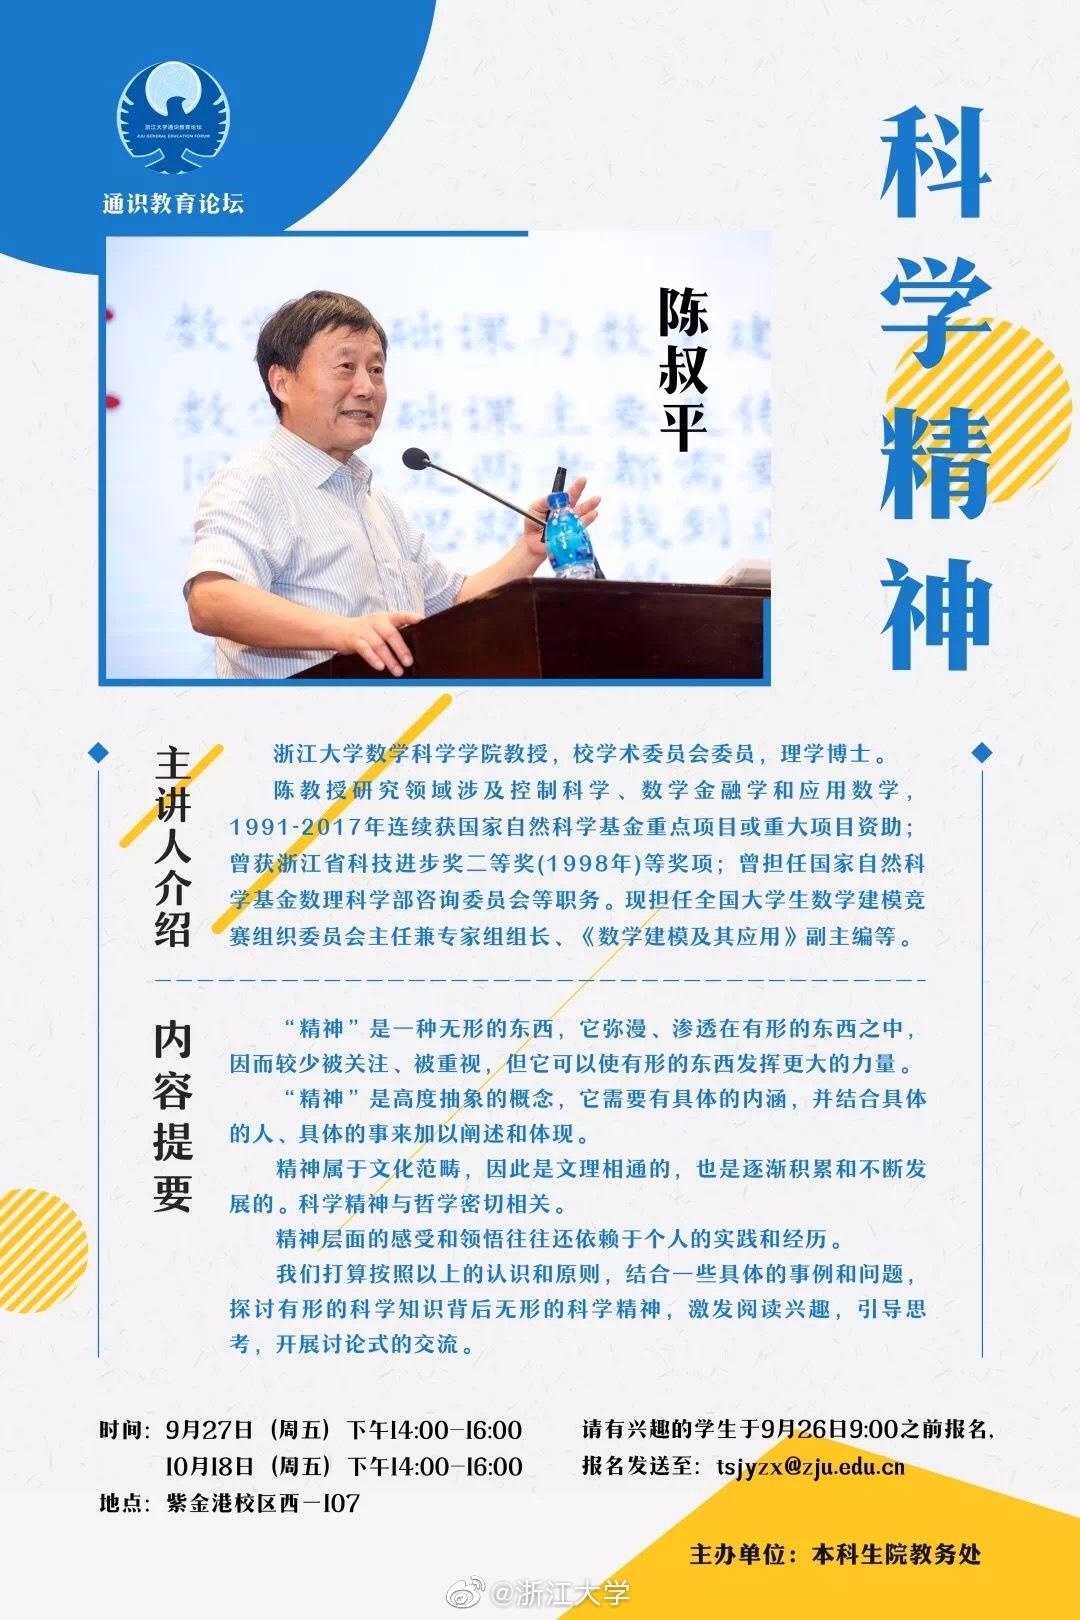 主讲人:浙江大学数学科学学院教授